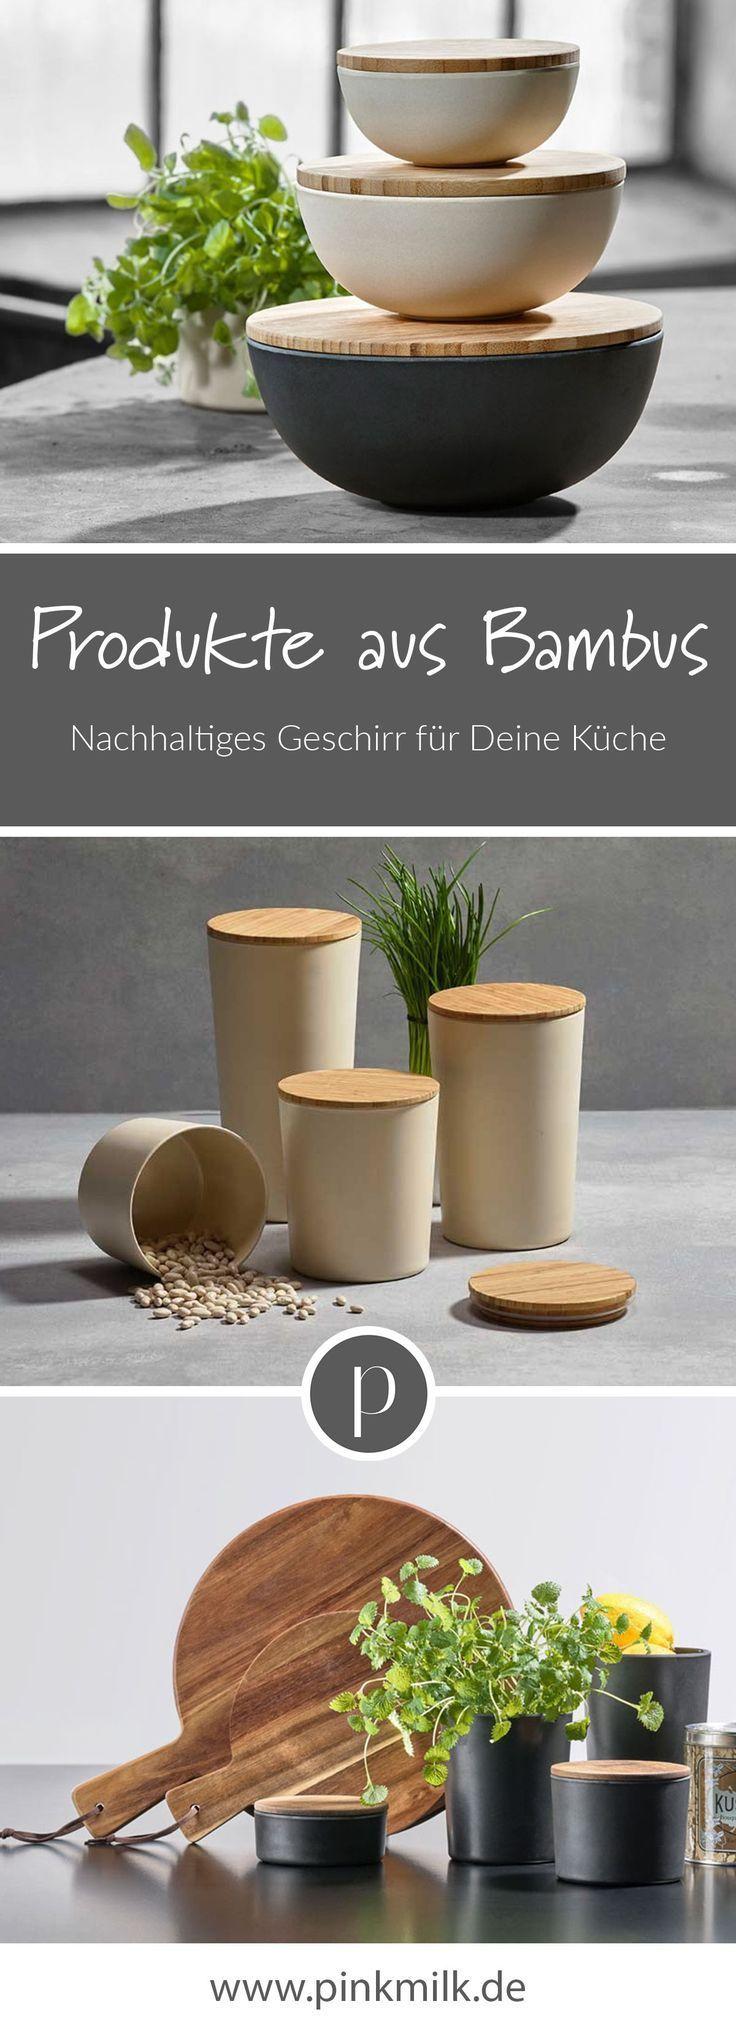 Produkte aus Bambus! Bei pinkmilk findest Du nachhaltiges Geschirr aus Bambus für Deine Küche. Ein schnell wachsender, leicht verfügbarer und sehr hochwertiger Rohstoff.